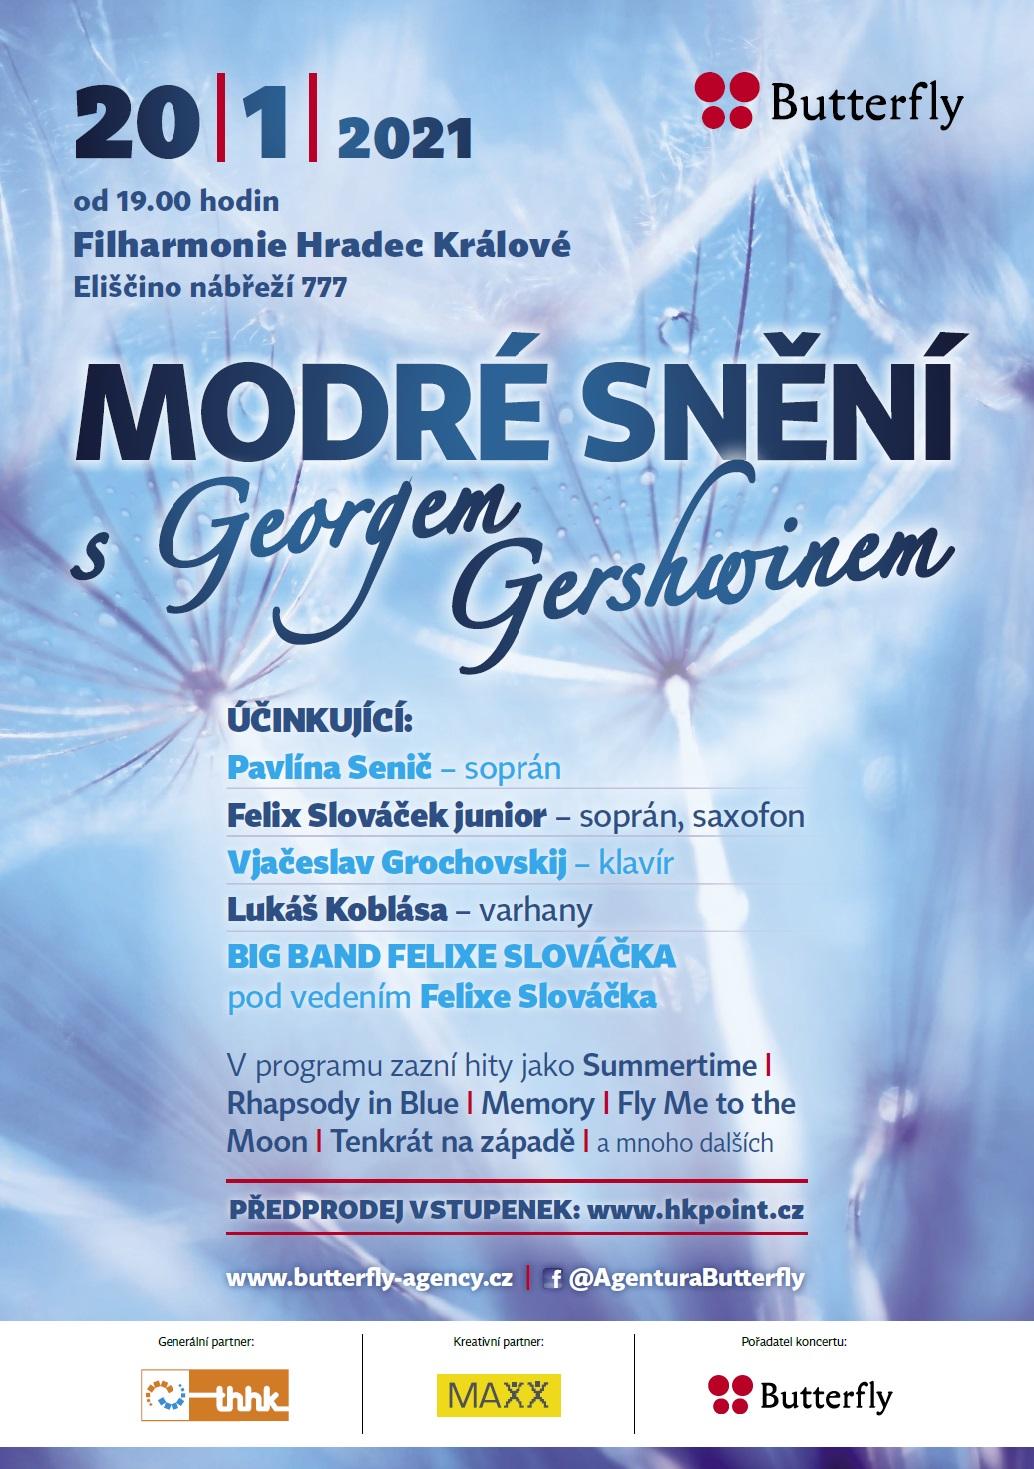 MODRÉ SNĚNÍ S GEORGEM GERSHWINEM